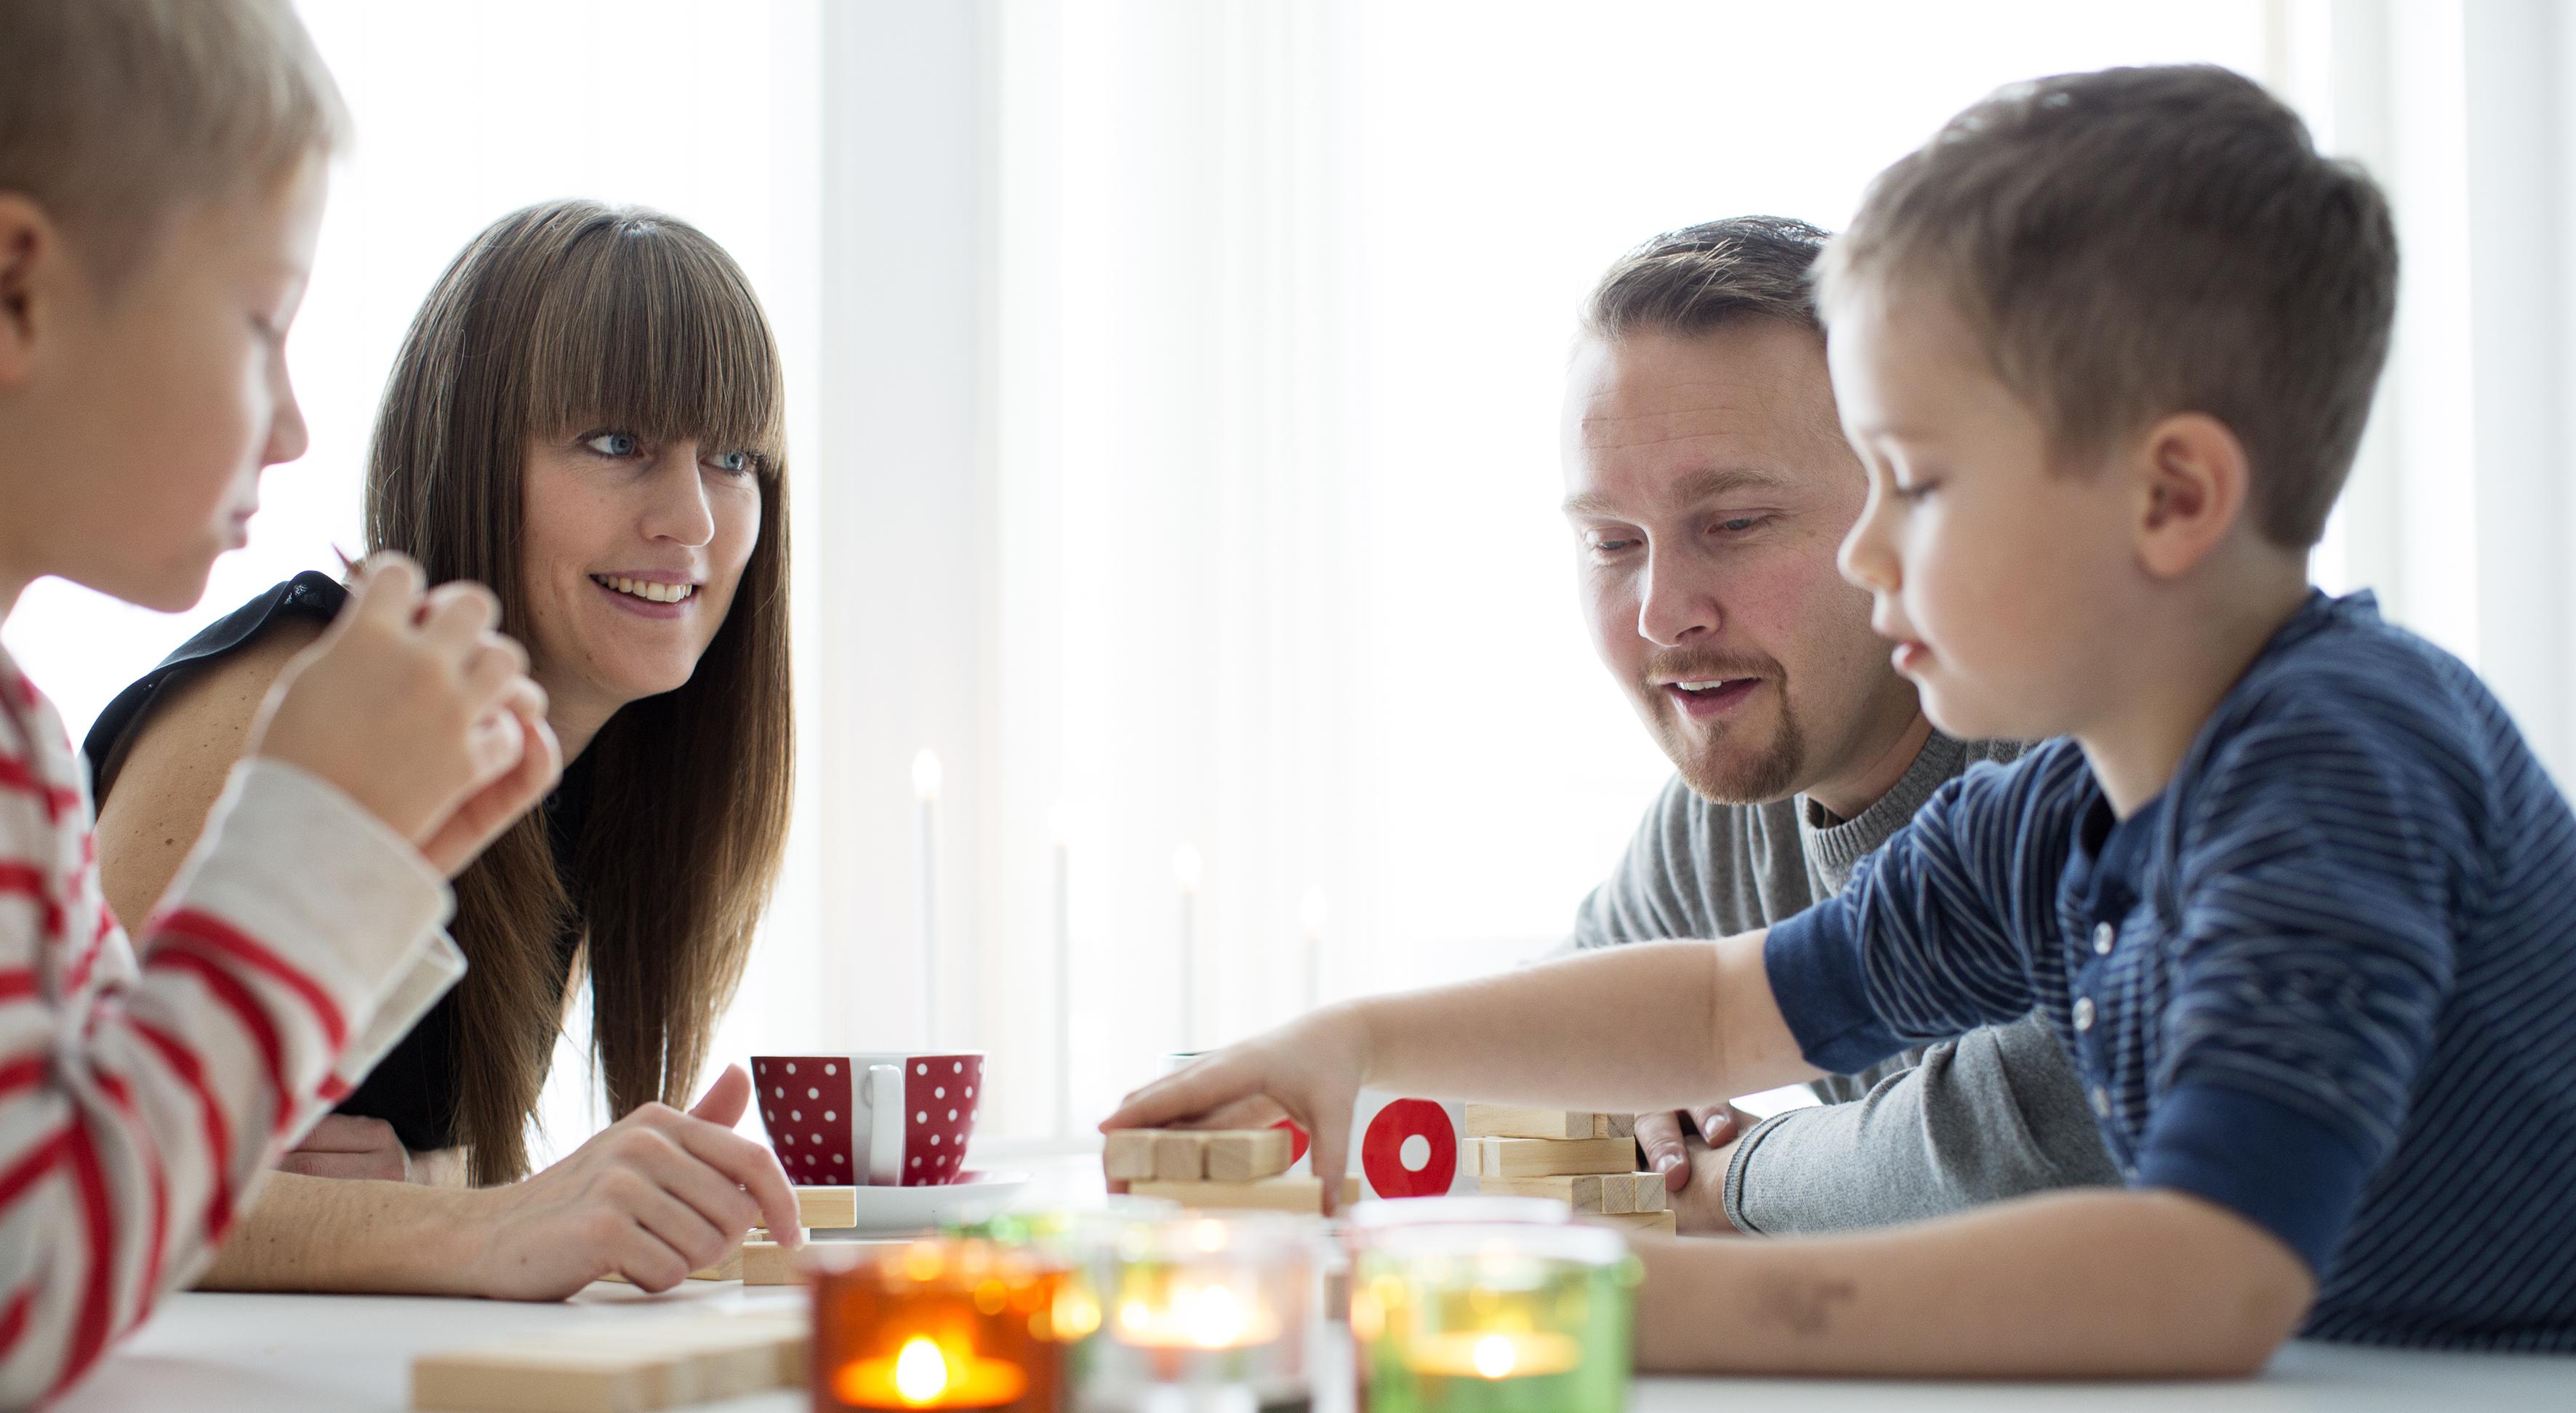 Barnfamilj spelar spel vid köksbordet